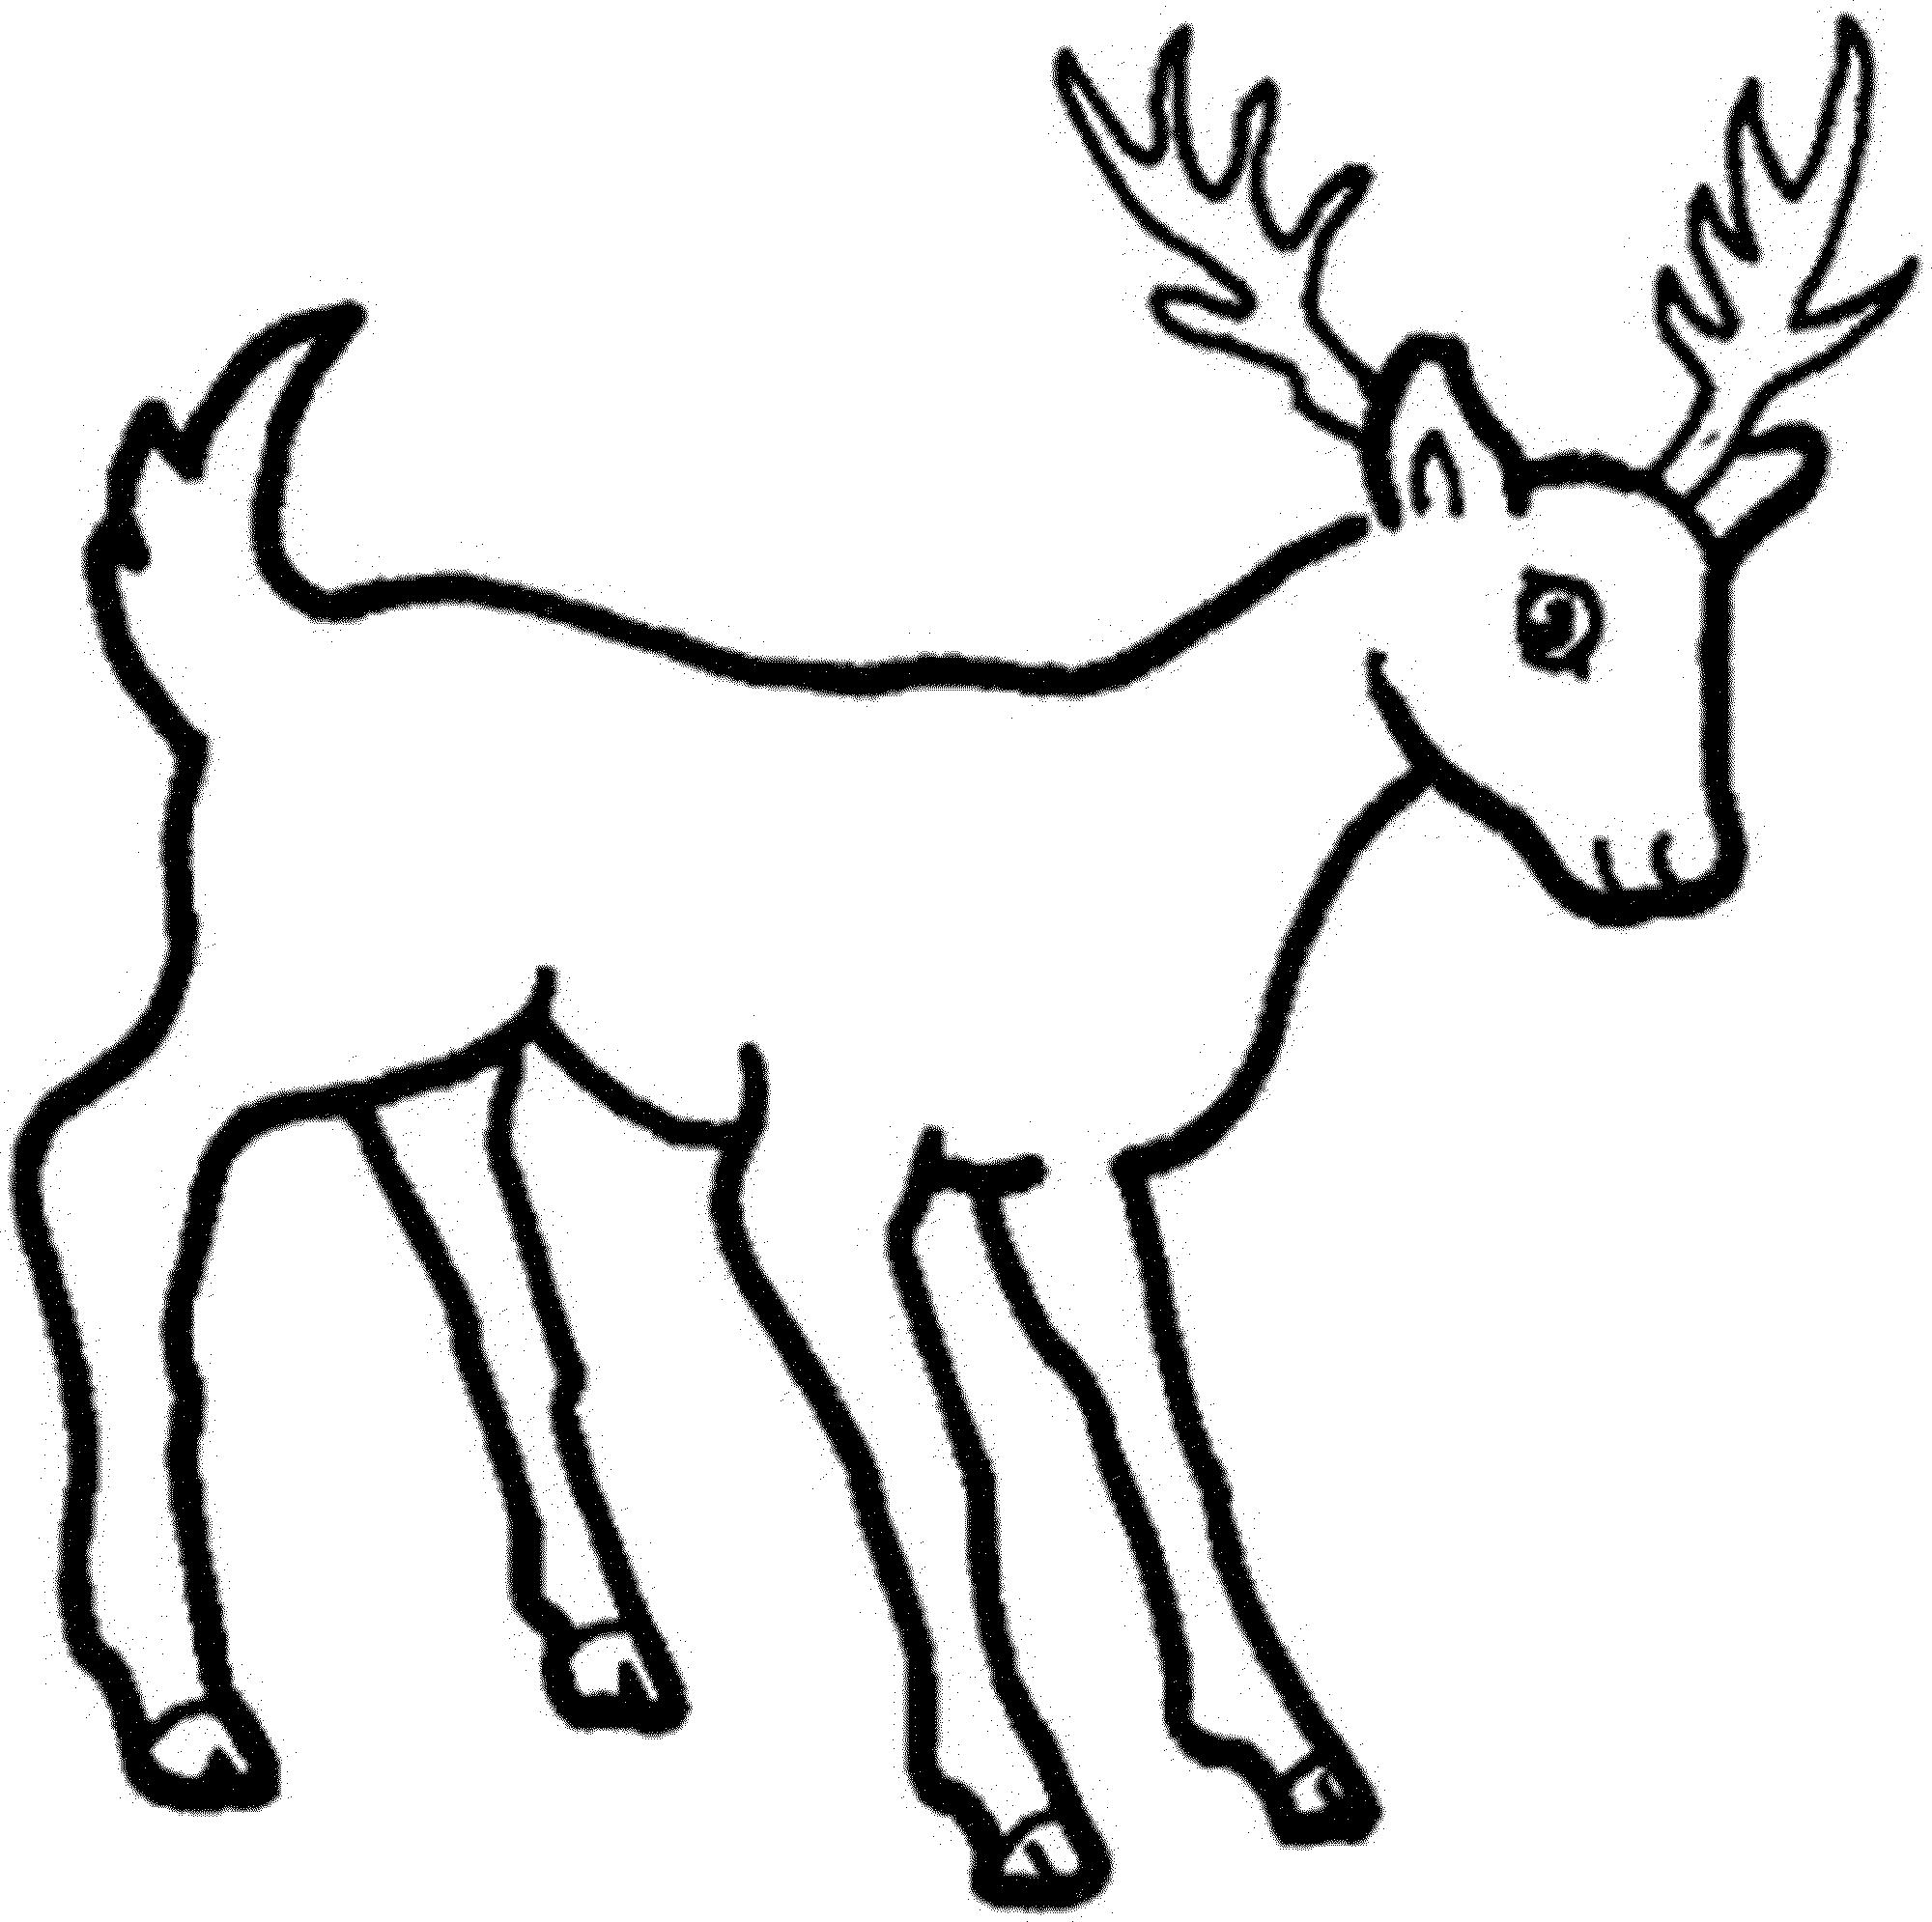 2000x1990 Deer